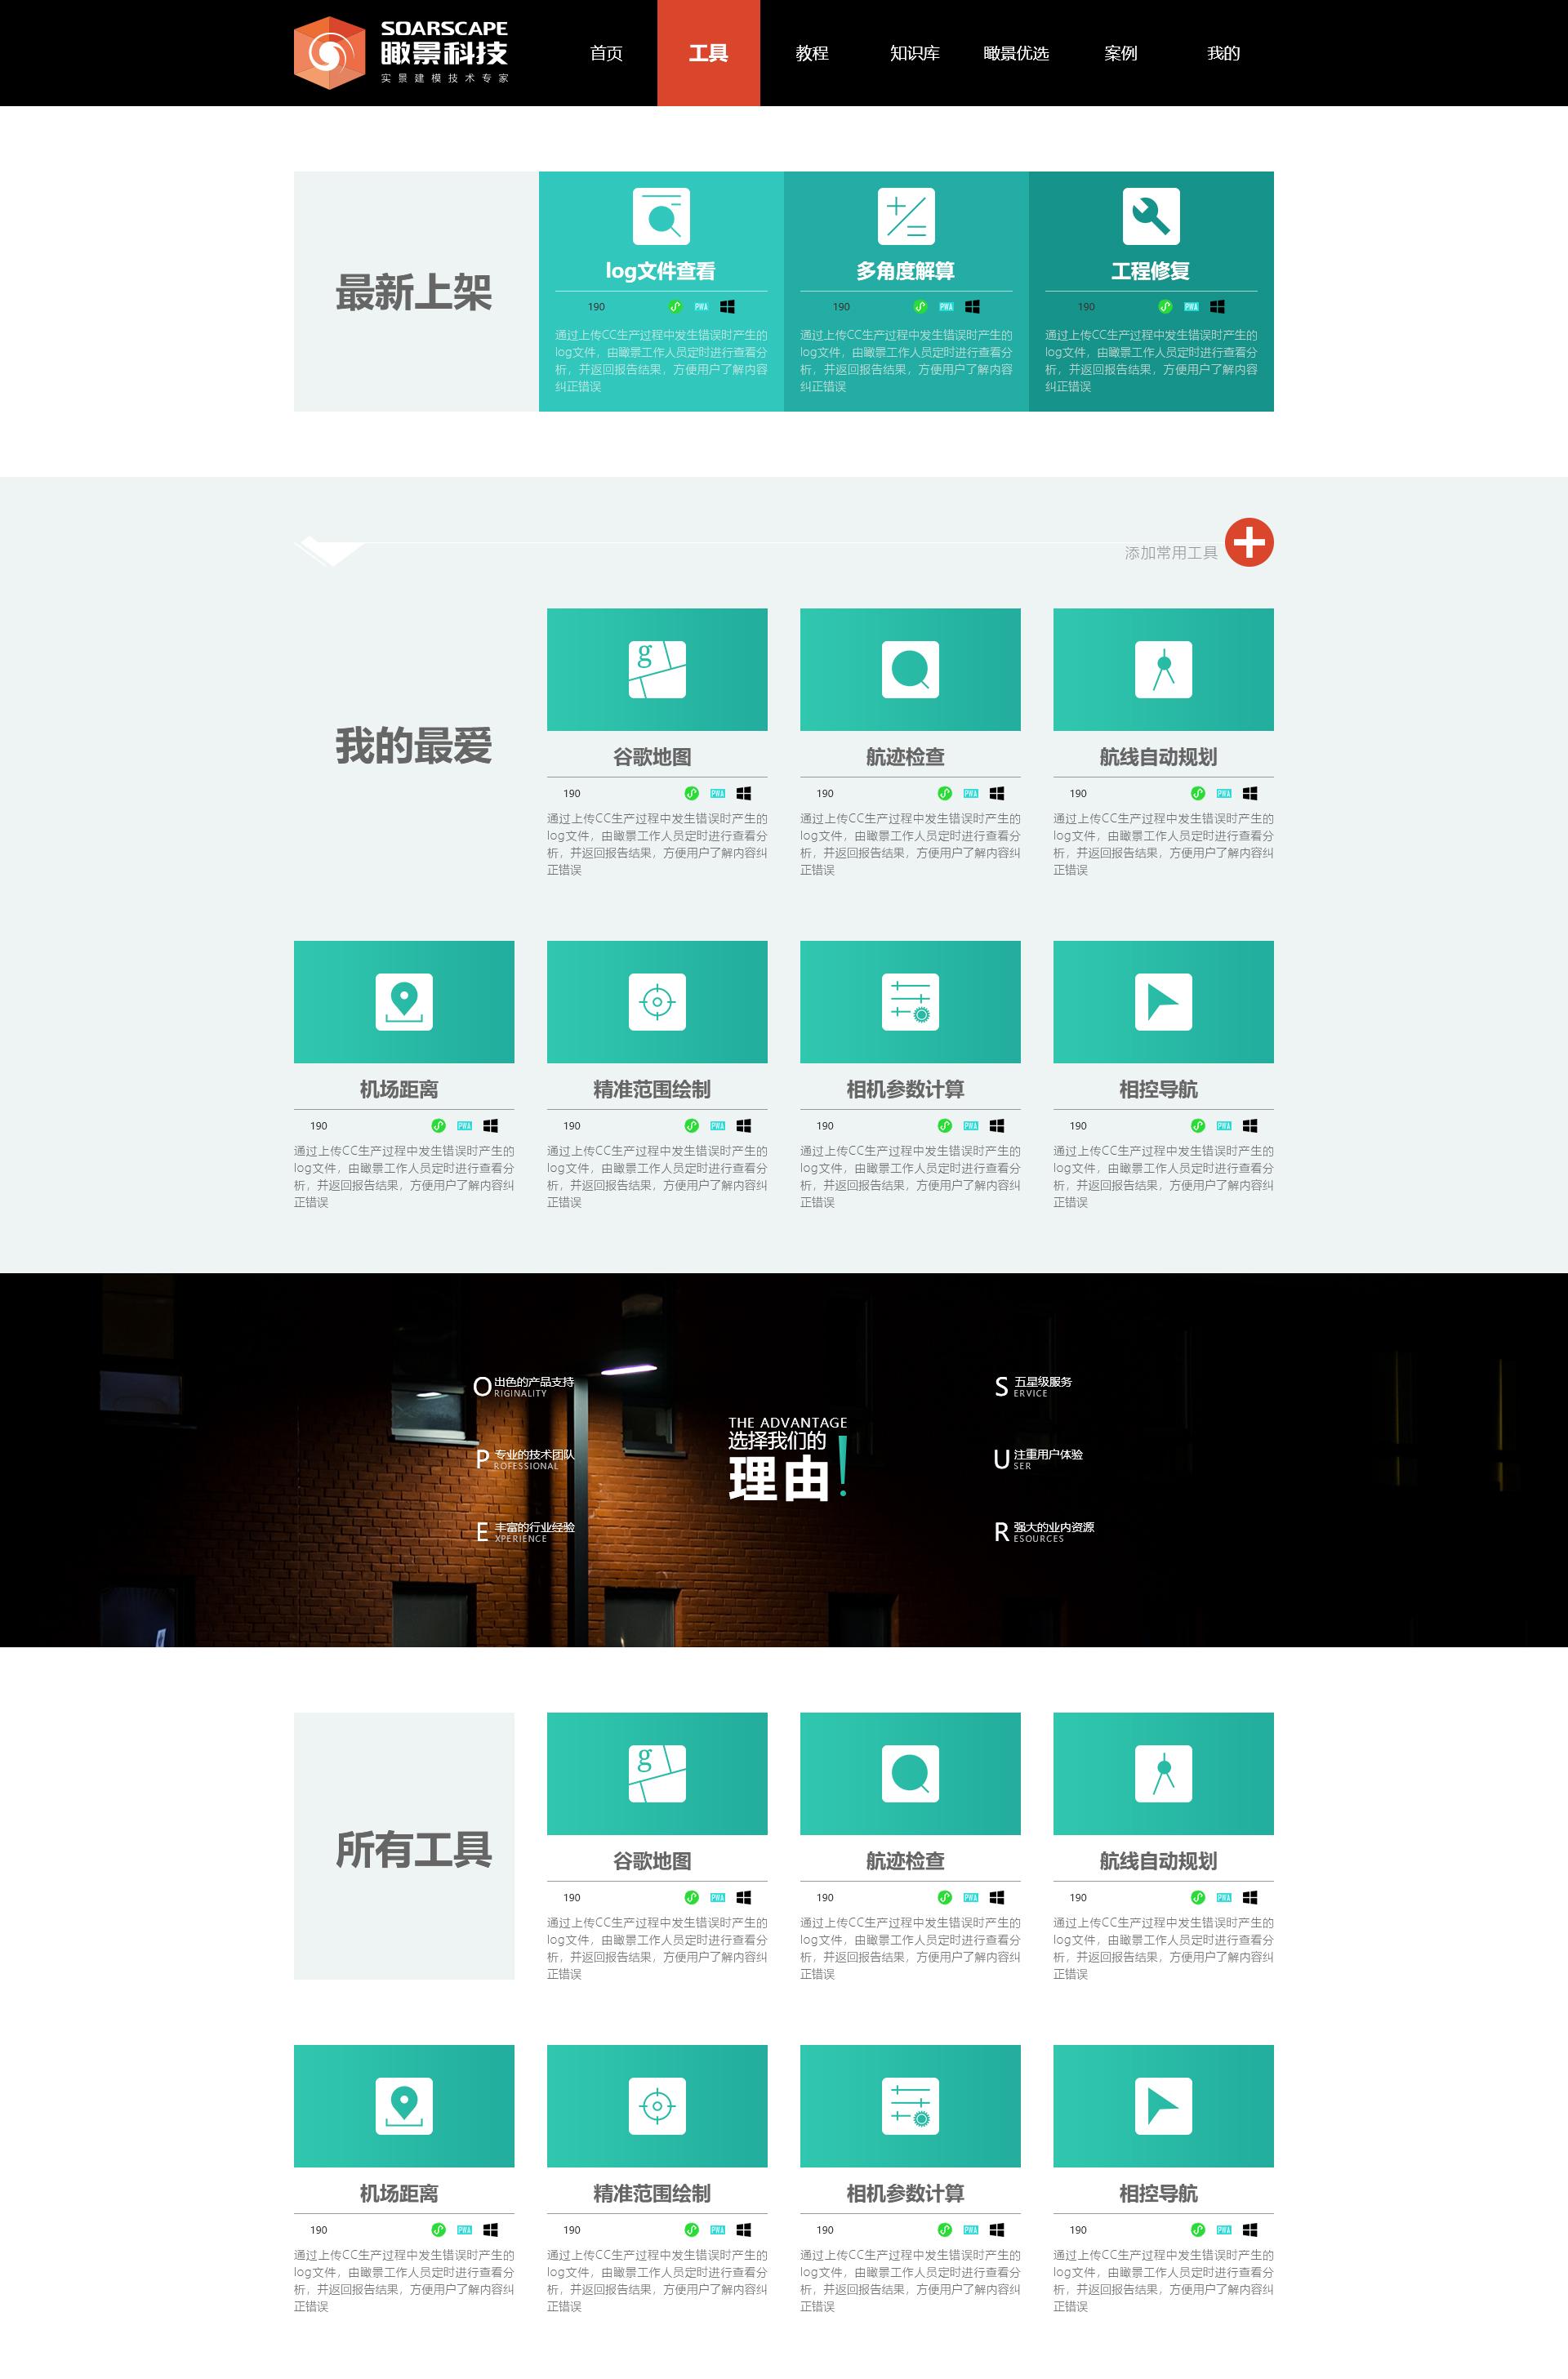 用户之家工具界面.jpg